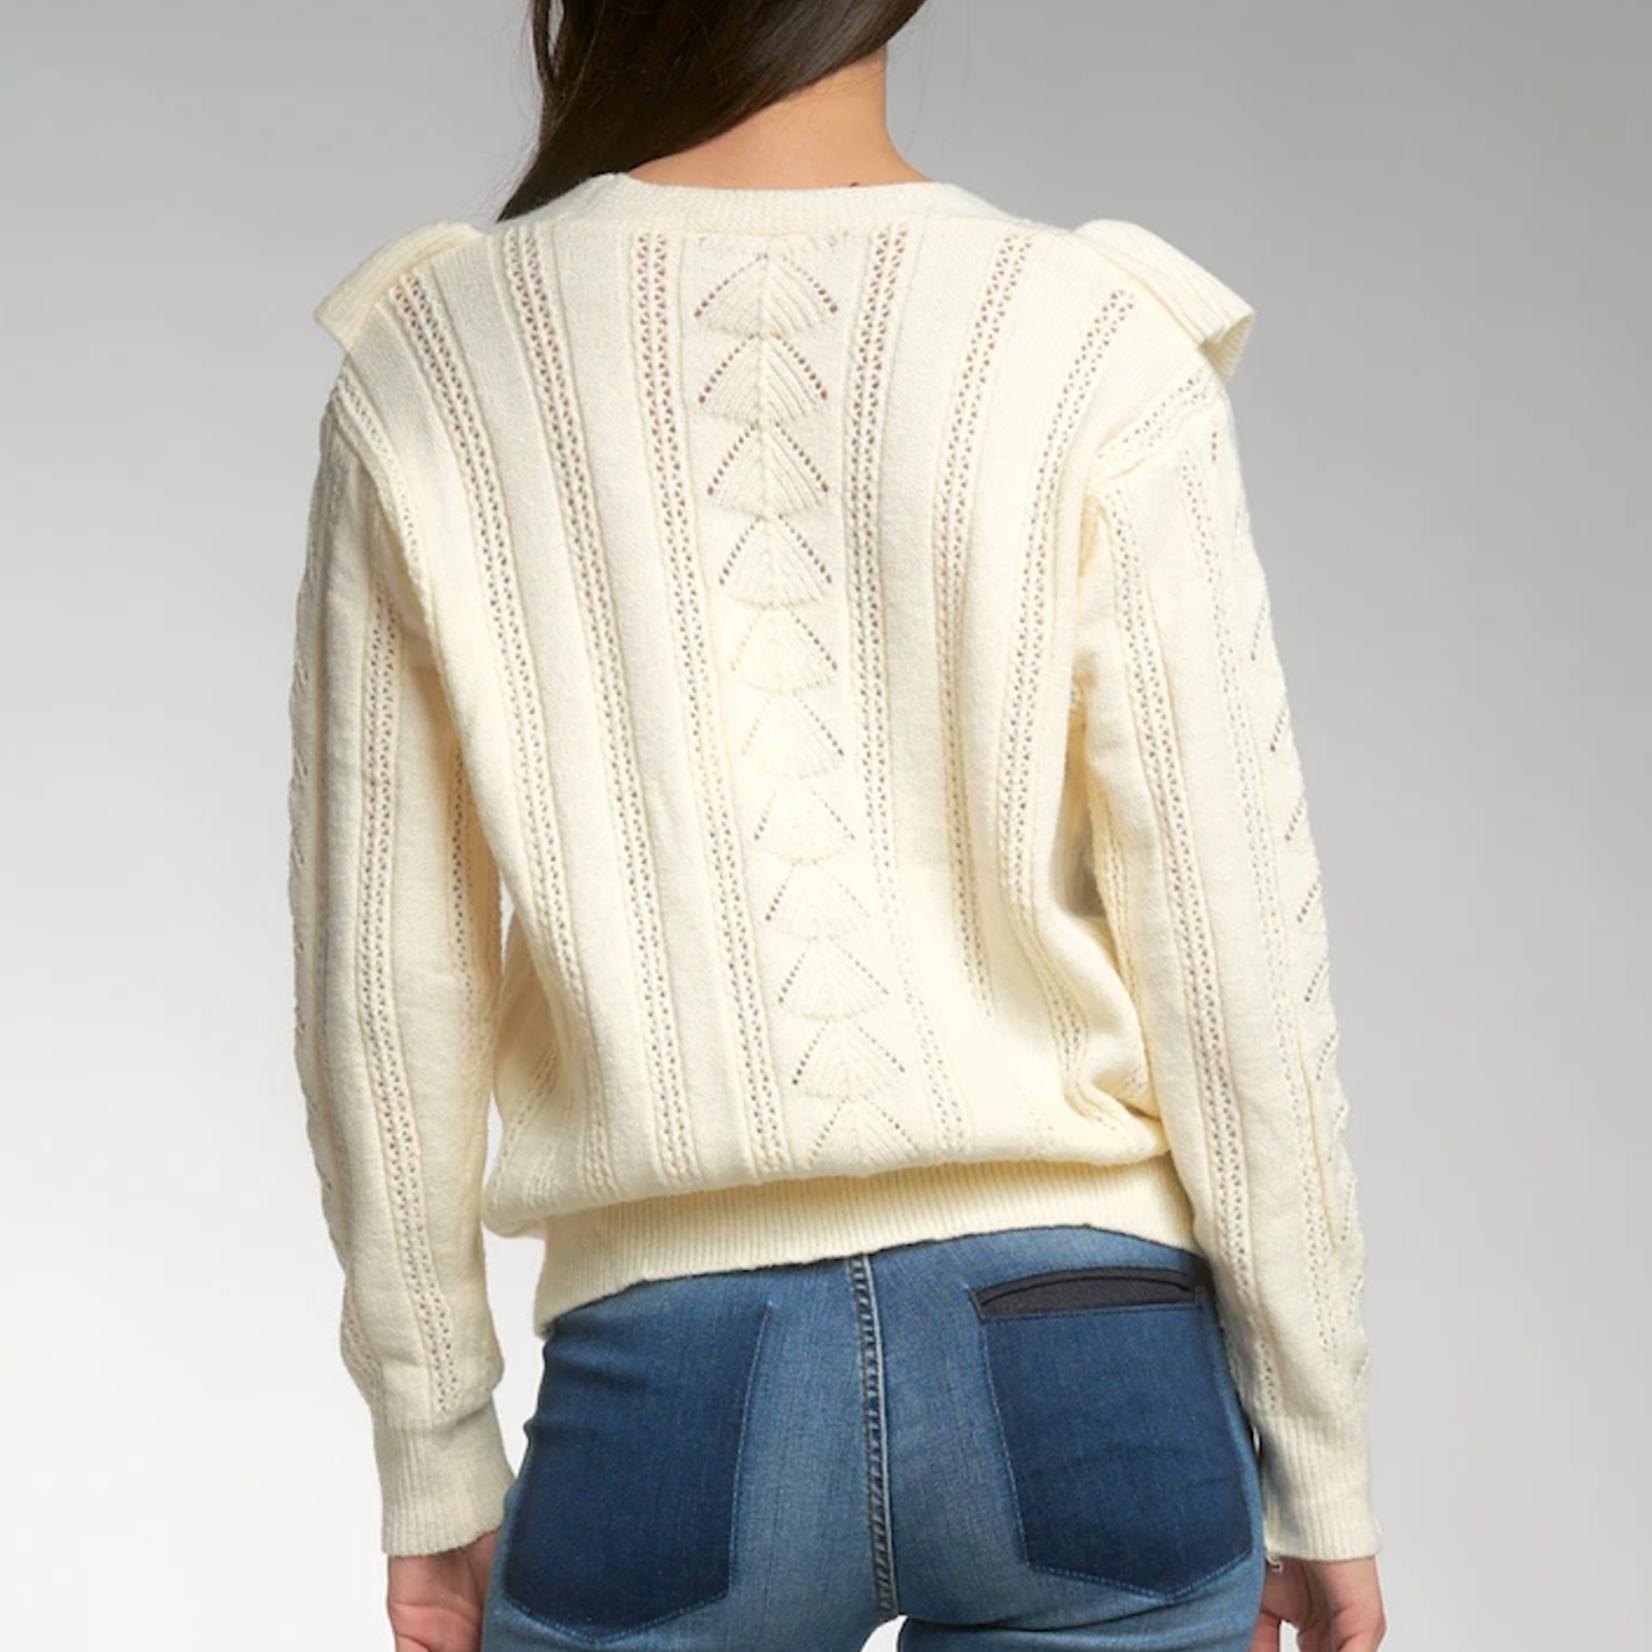 Elan Ruffle Sweater Cardigan SW10681